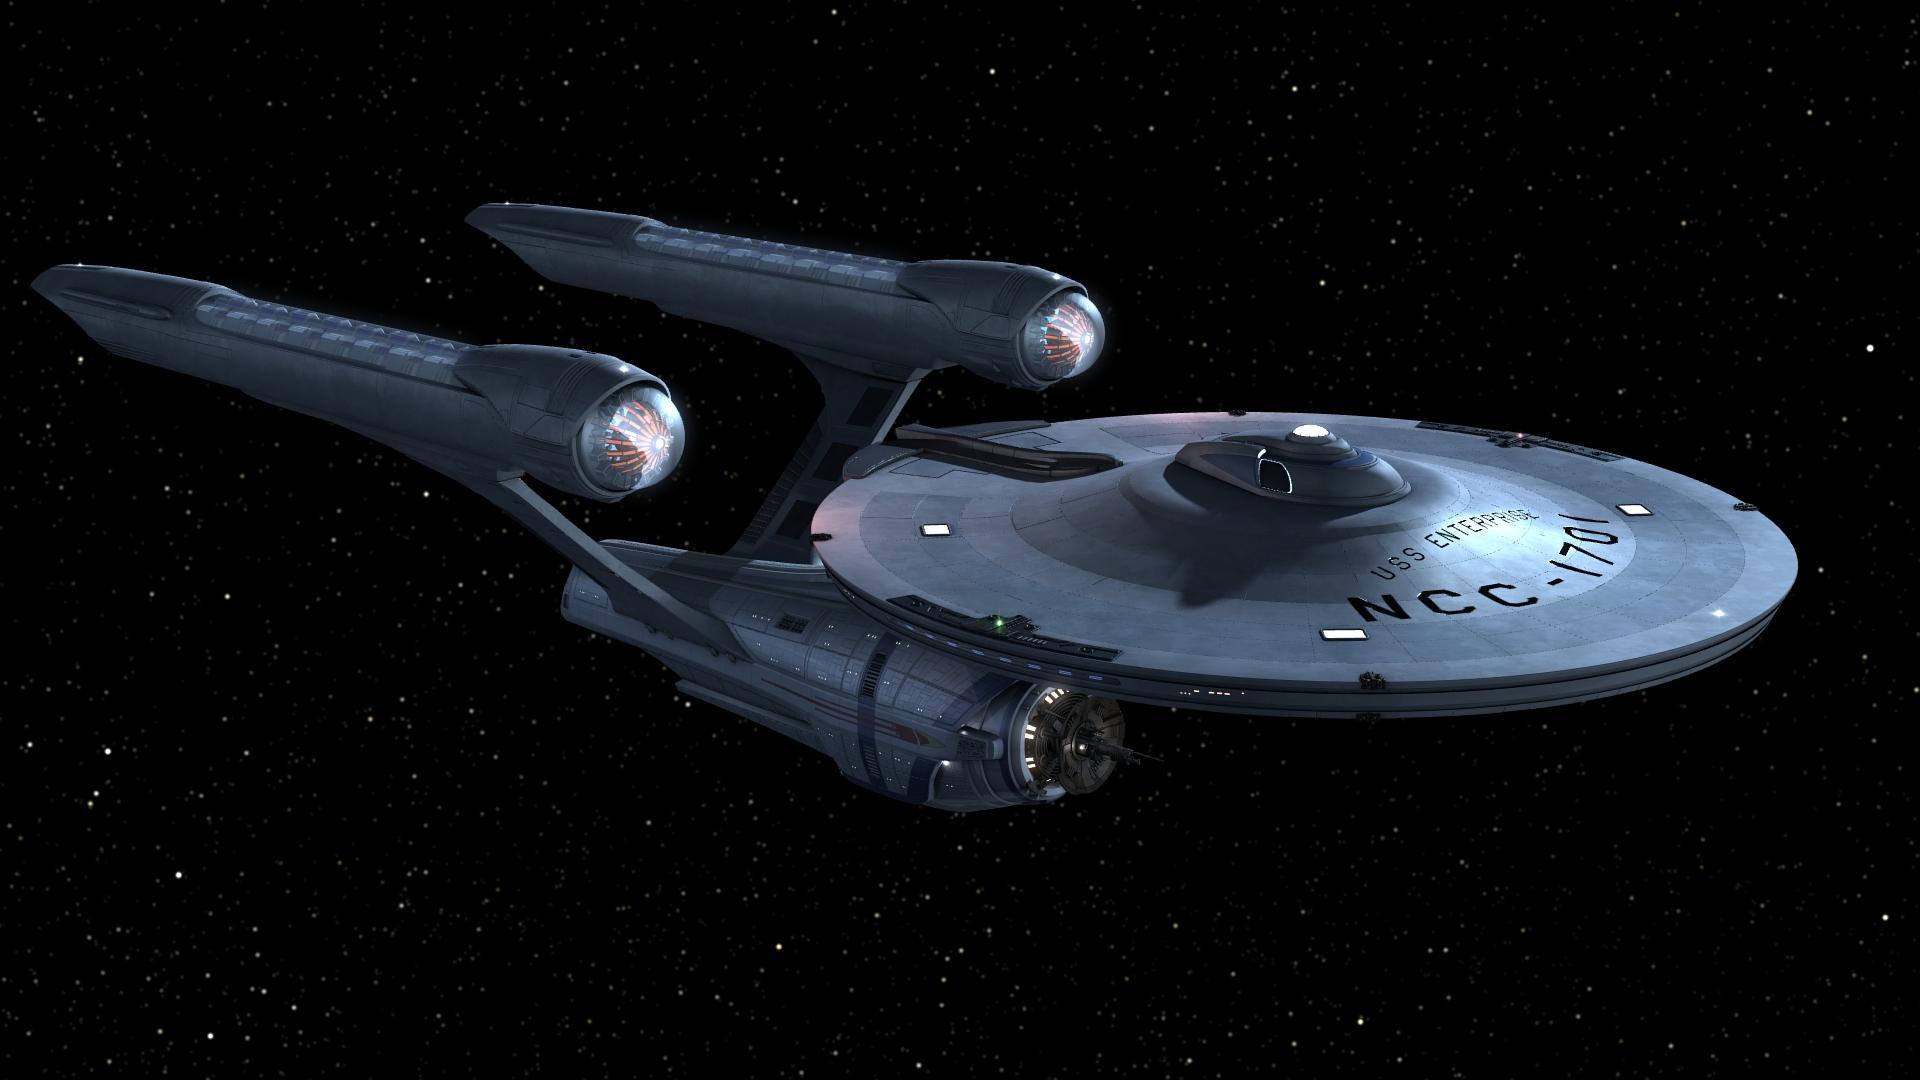 """""""Spaţiul: ultima frontieră. Acestea sunt călătoriile navei stelare Enterprise. Misiunea ei: să exploreze lumi noi şi stranii,   să caute noi forme de viaţă şi noi civilizaţii,   să meargă cu curaj acolo unde niciun om nu a mai fost vreodată."""""""